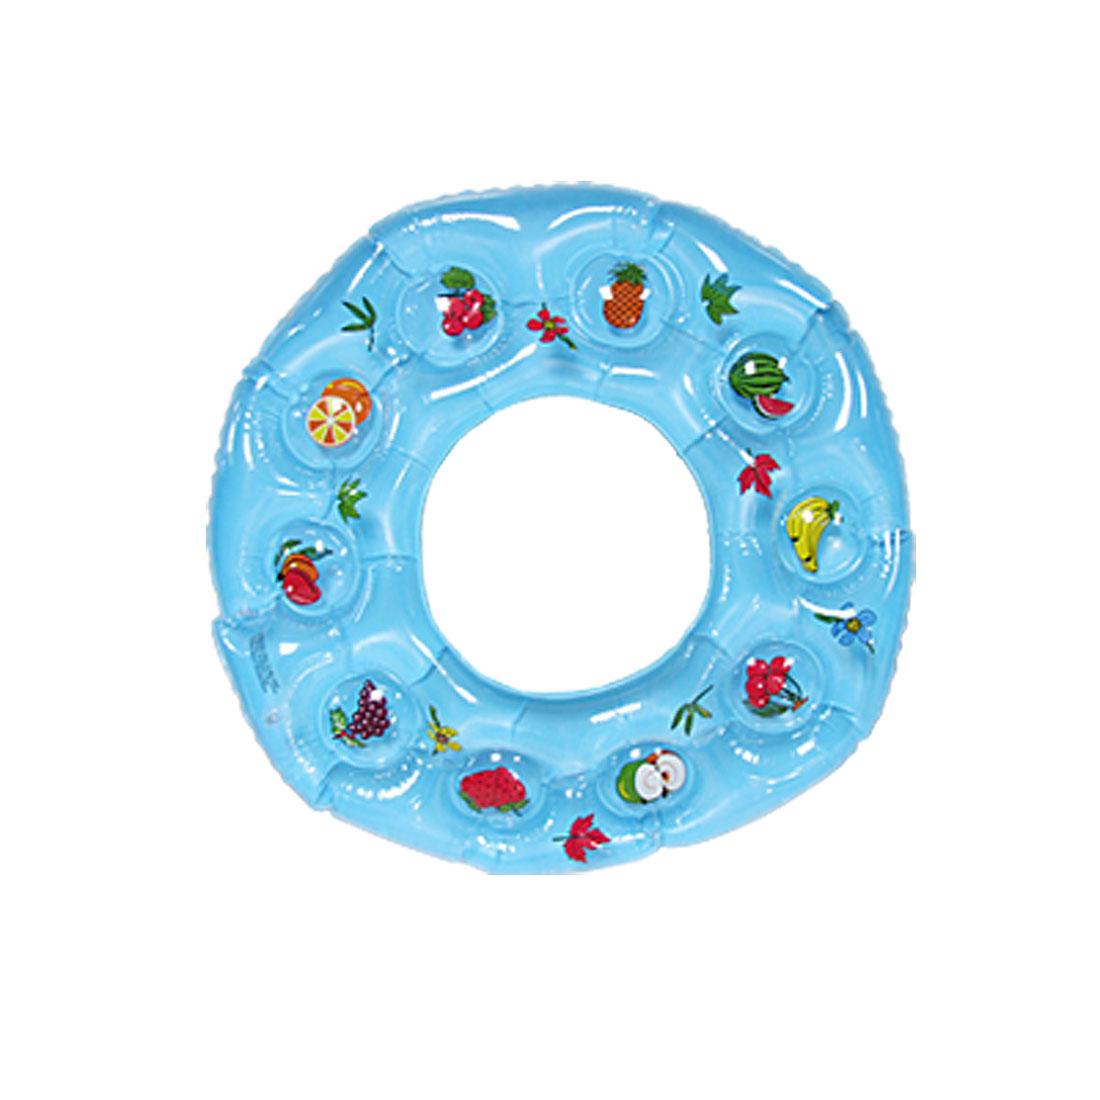 Fruit Print Blue Floating Swim Ring for Children